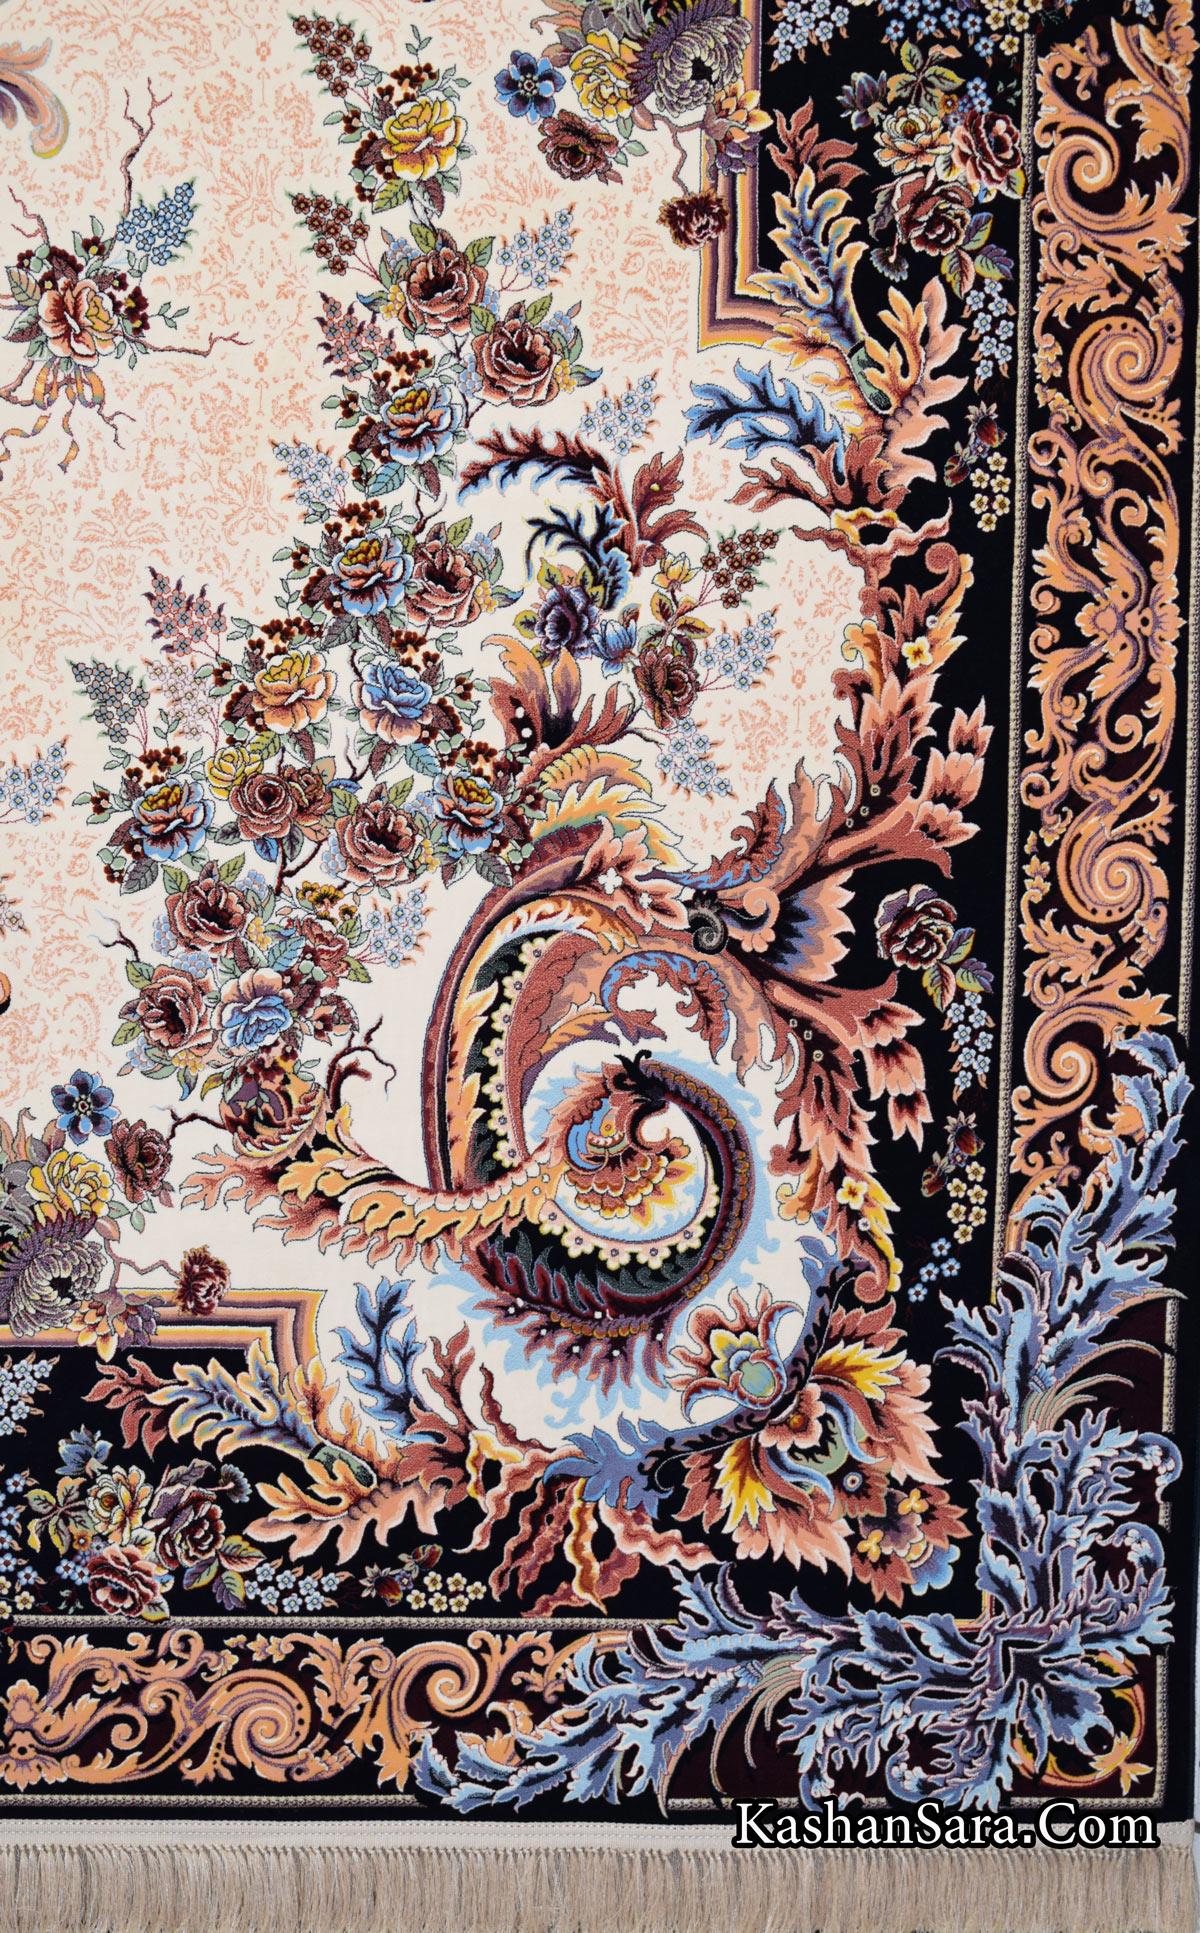 فرش ۱۲۰۰ شانه کاشان نقشه ماهریس